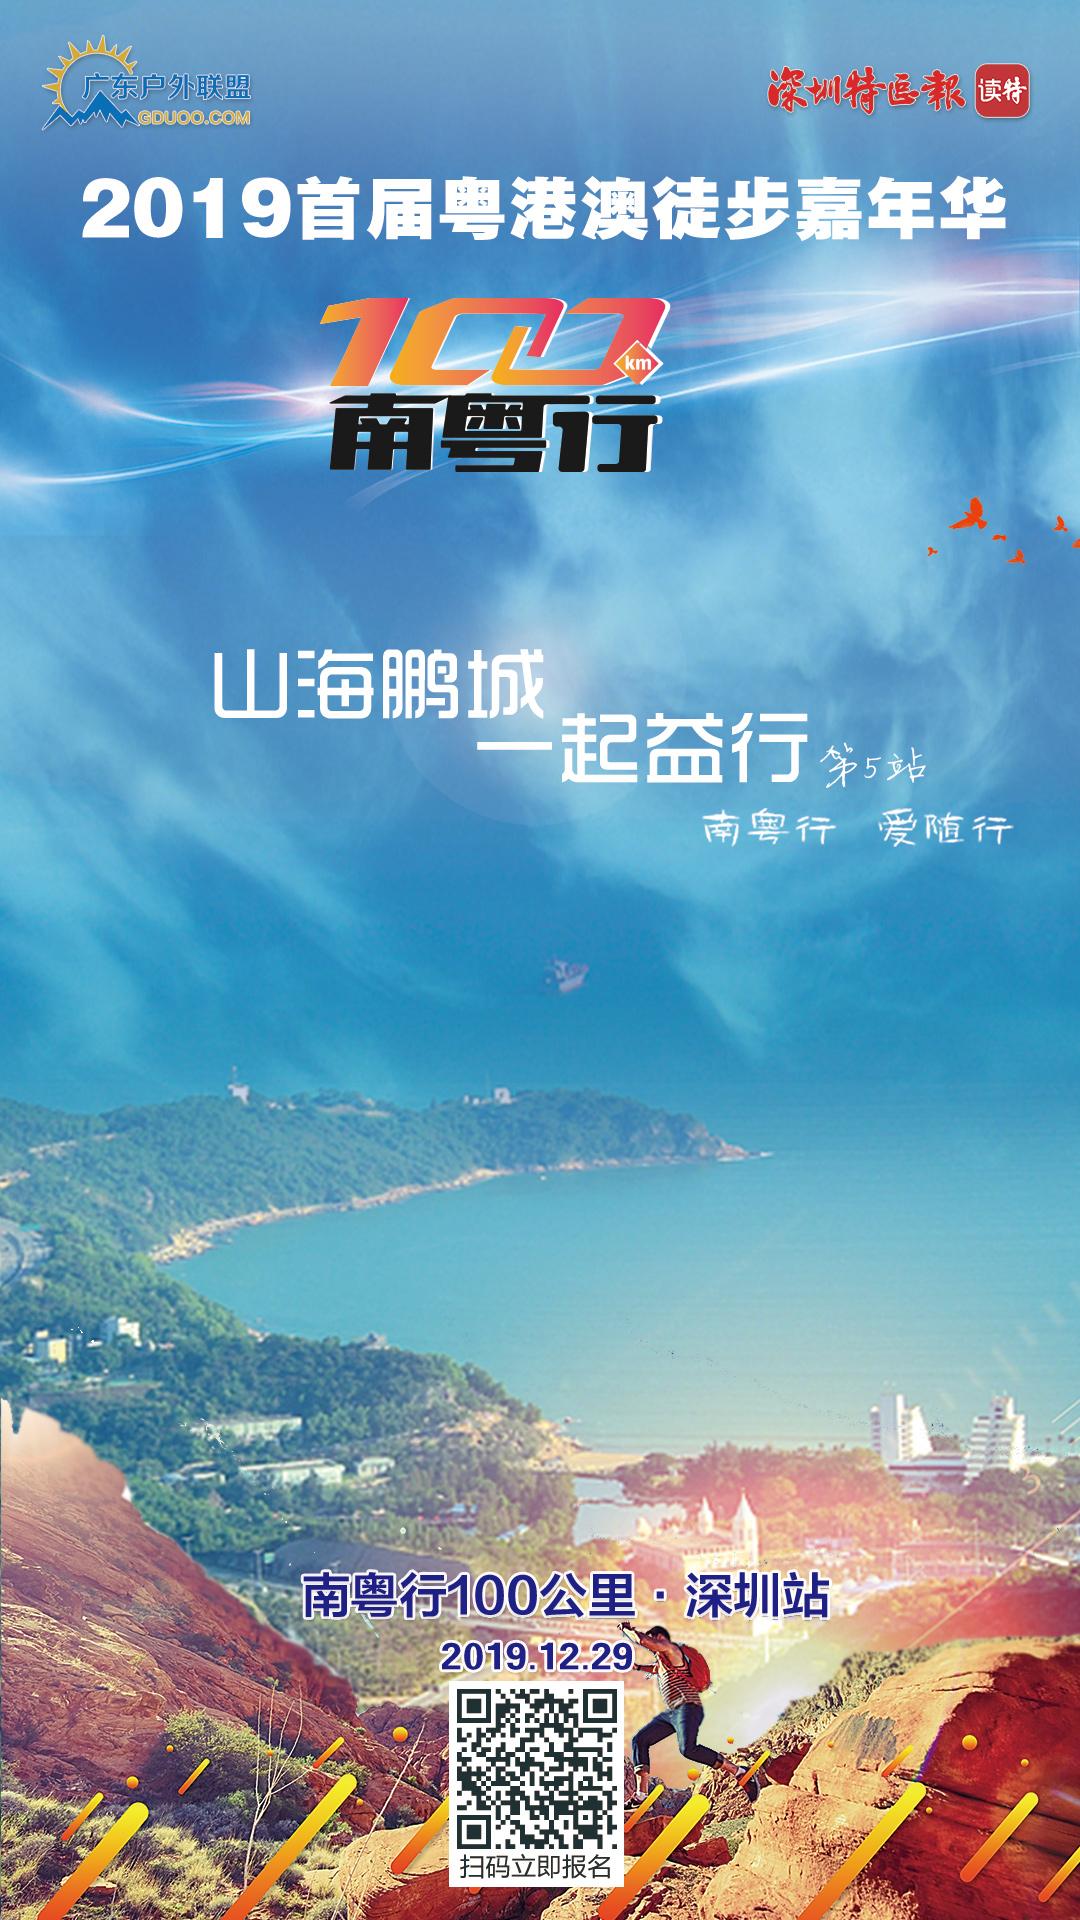 【大型活动】12.29南粤行100公里第五站 山海鹏城 一起益行